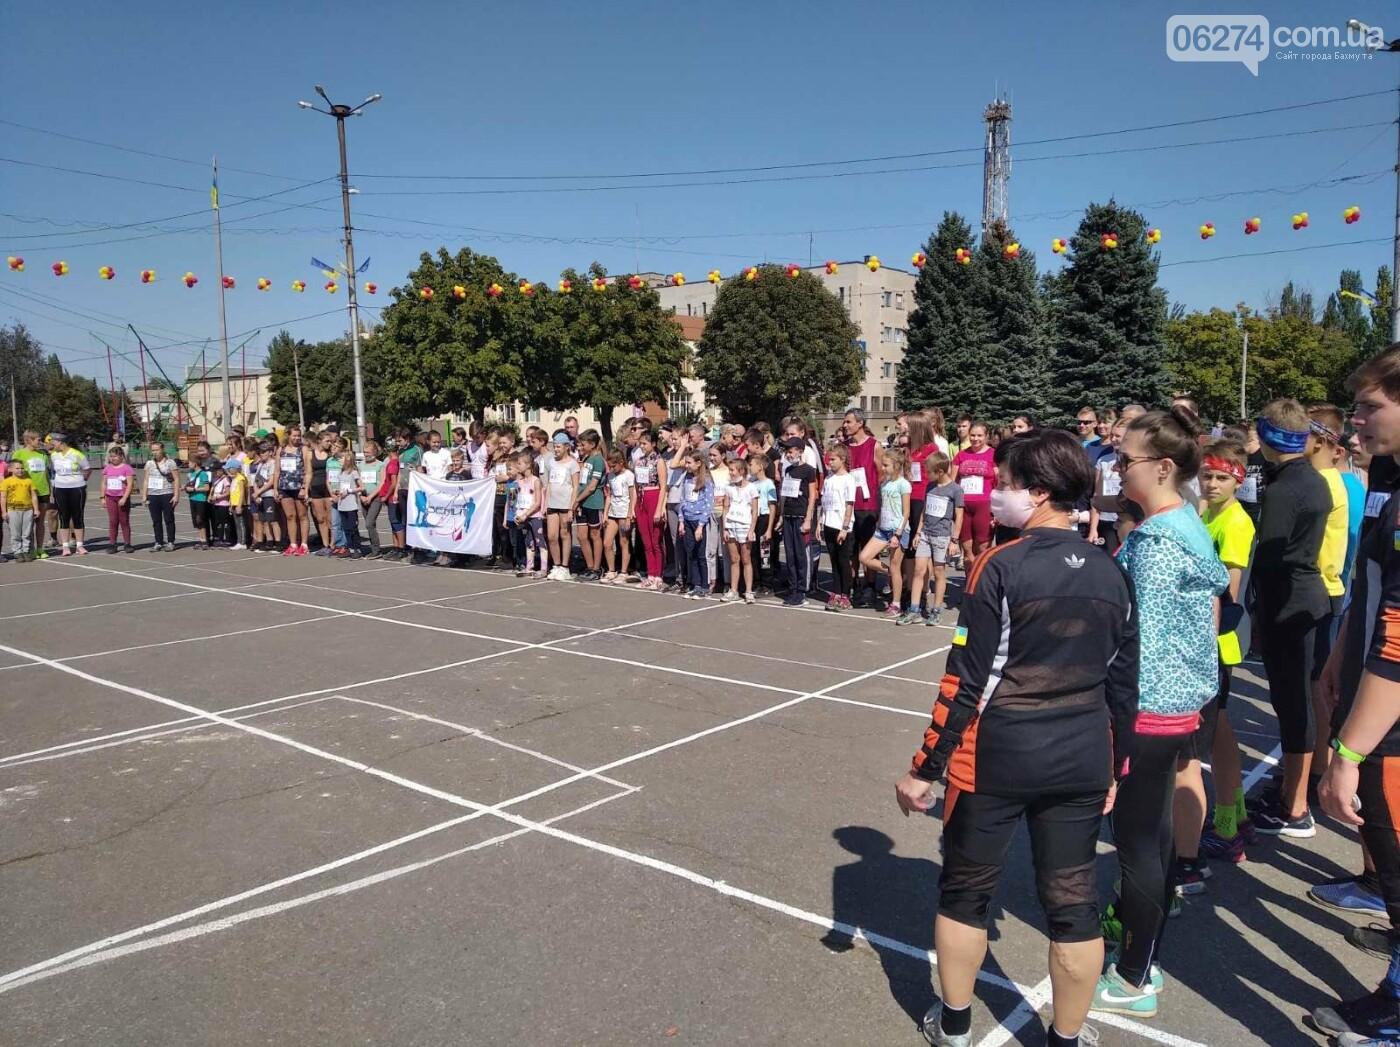 В Дружковке состоялся открытый чемпионат по спортивному ориентированию на дистанциях городского спринта, фото-6